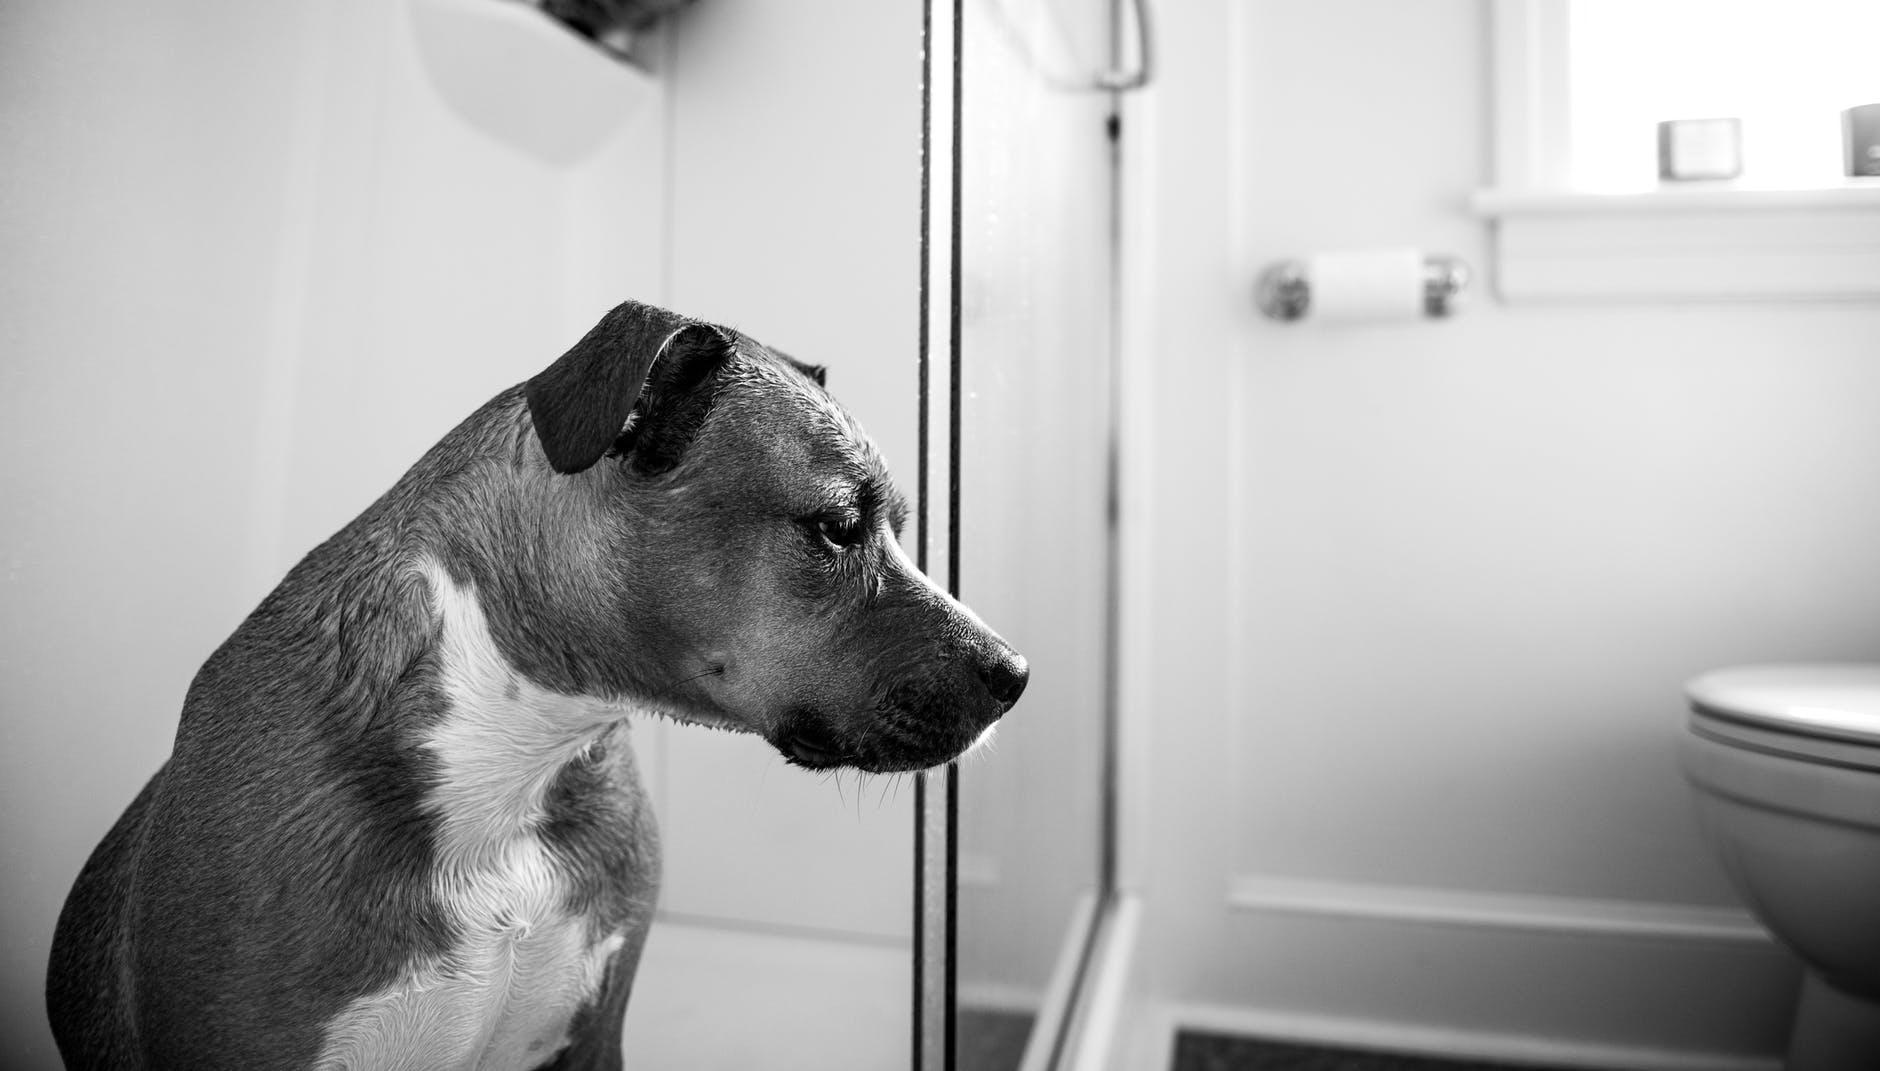 Właściciele bezdusznie dwa razy porzucili niepełnosprawnego psa. Nagranie wyciska łzy z oczu